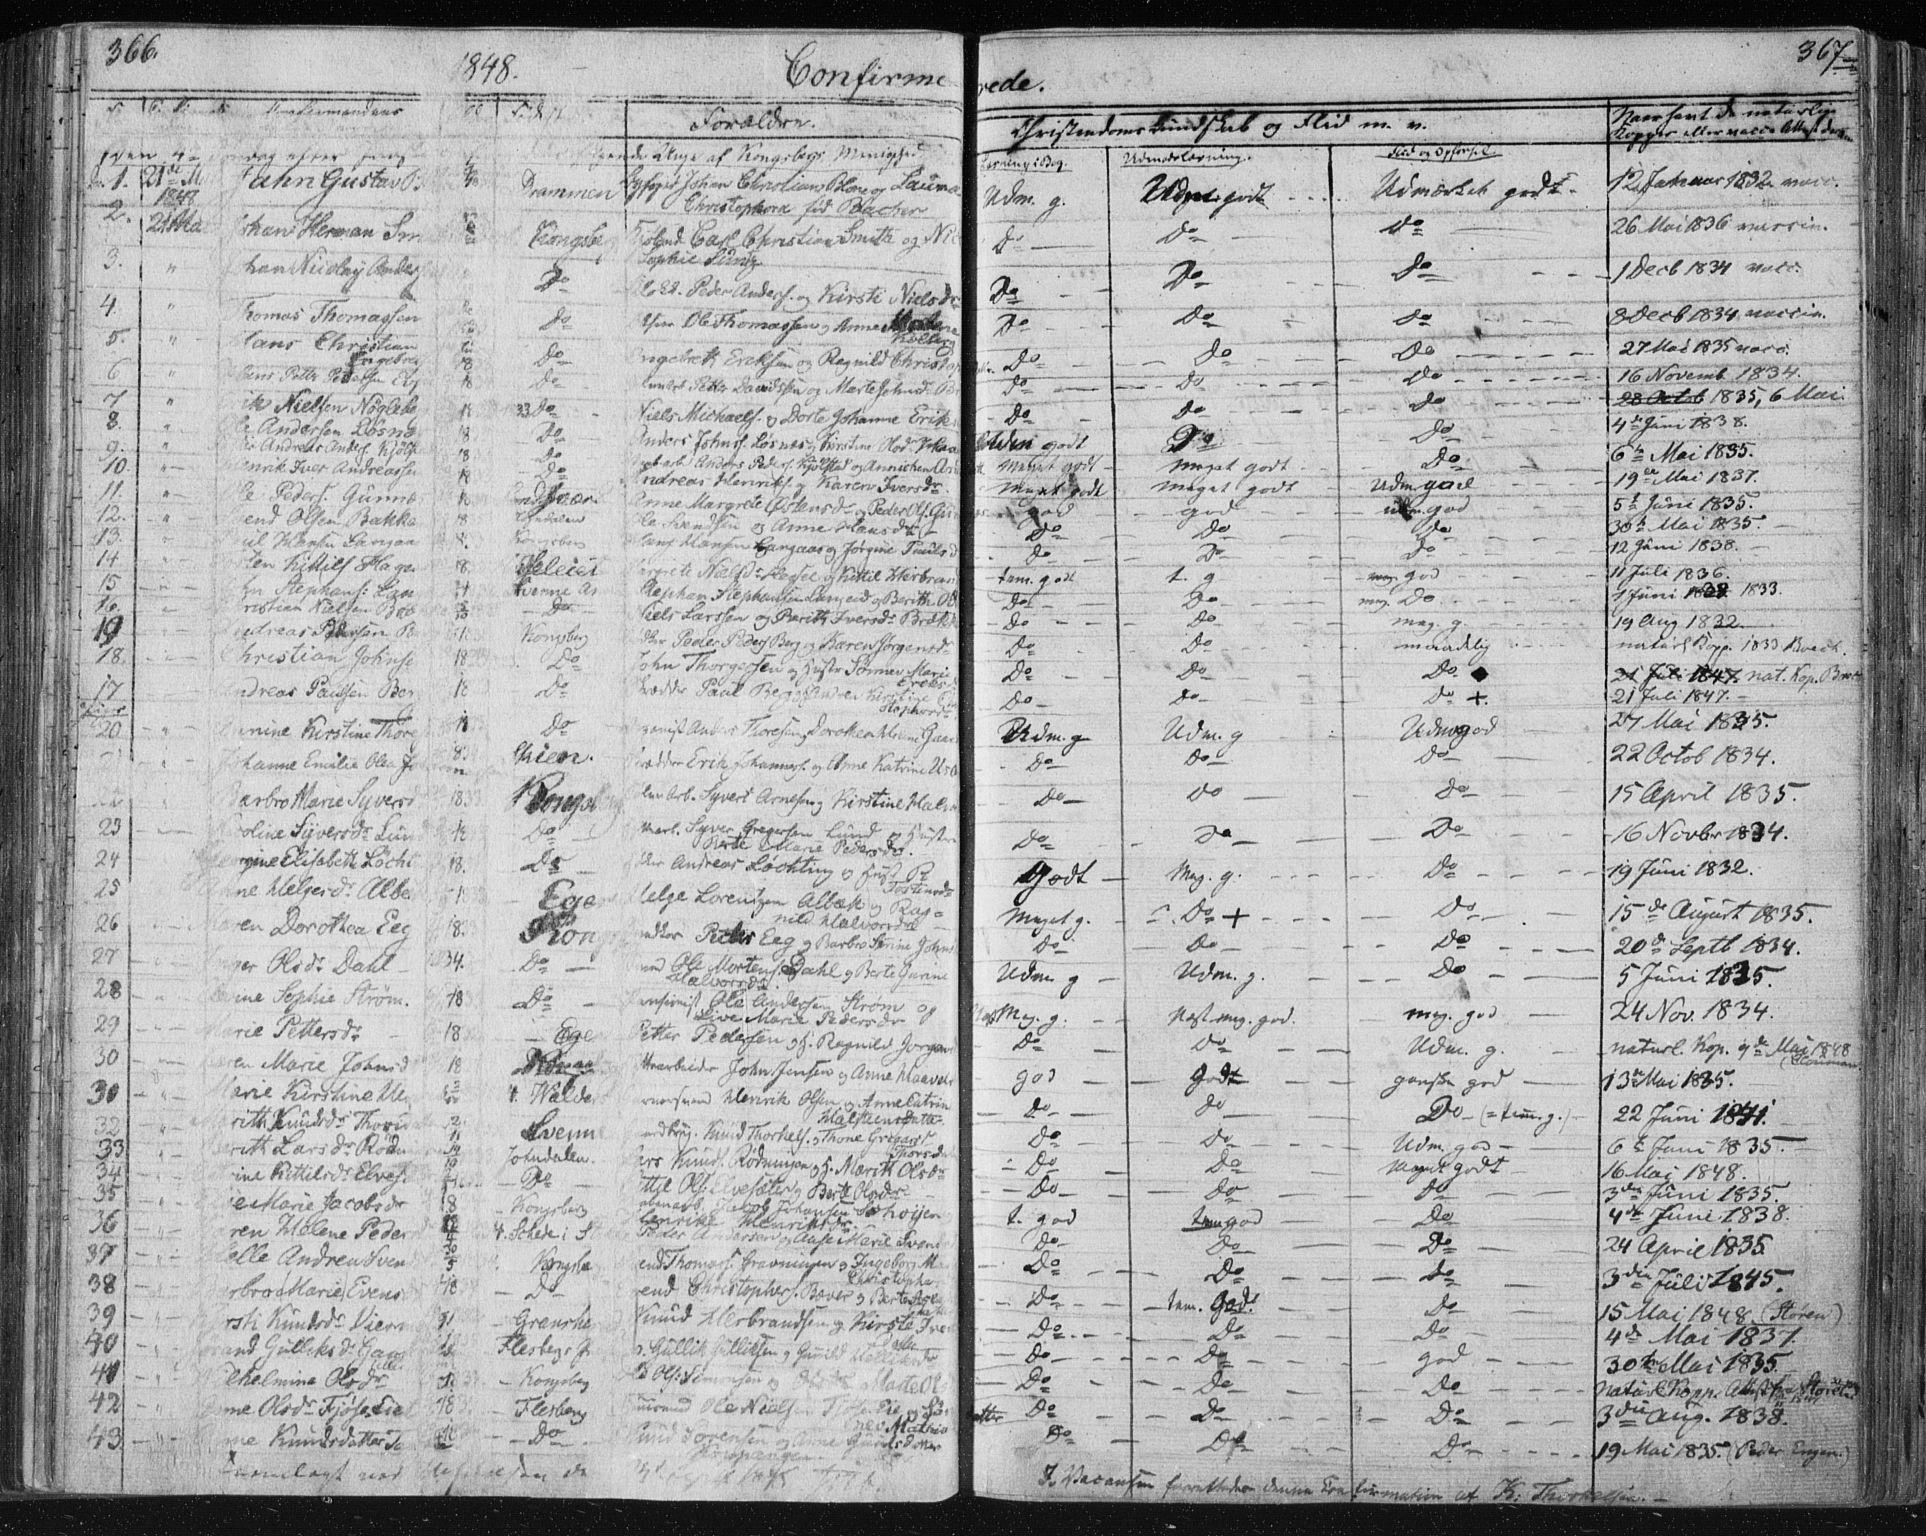 SAKO, Kongsberg kirkebøker, F/Fa/L0009: Ministerialbok nr. I 9, 1839-1858, s. 366-367